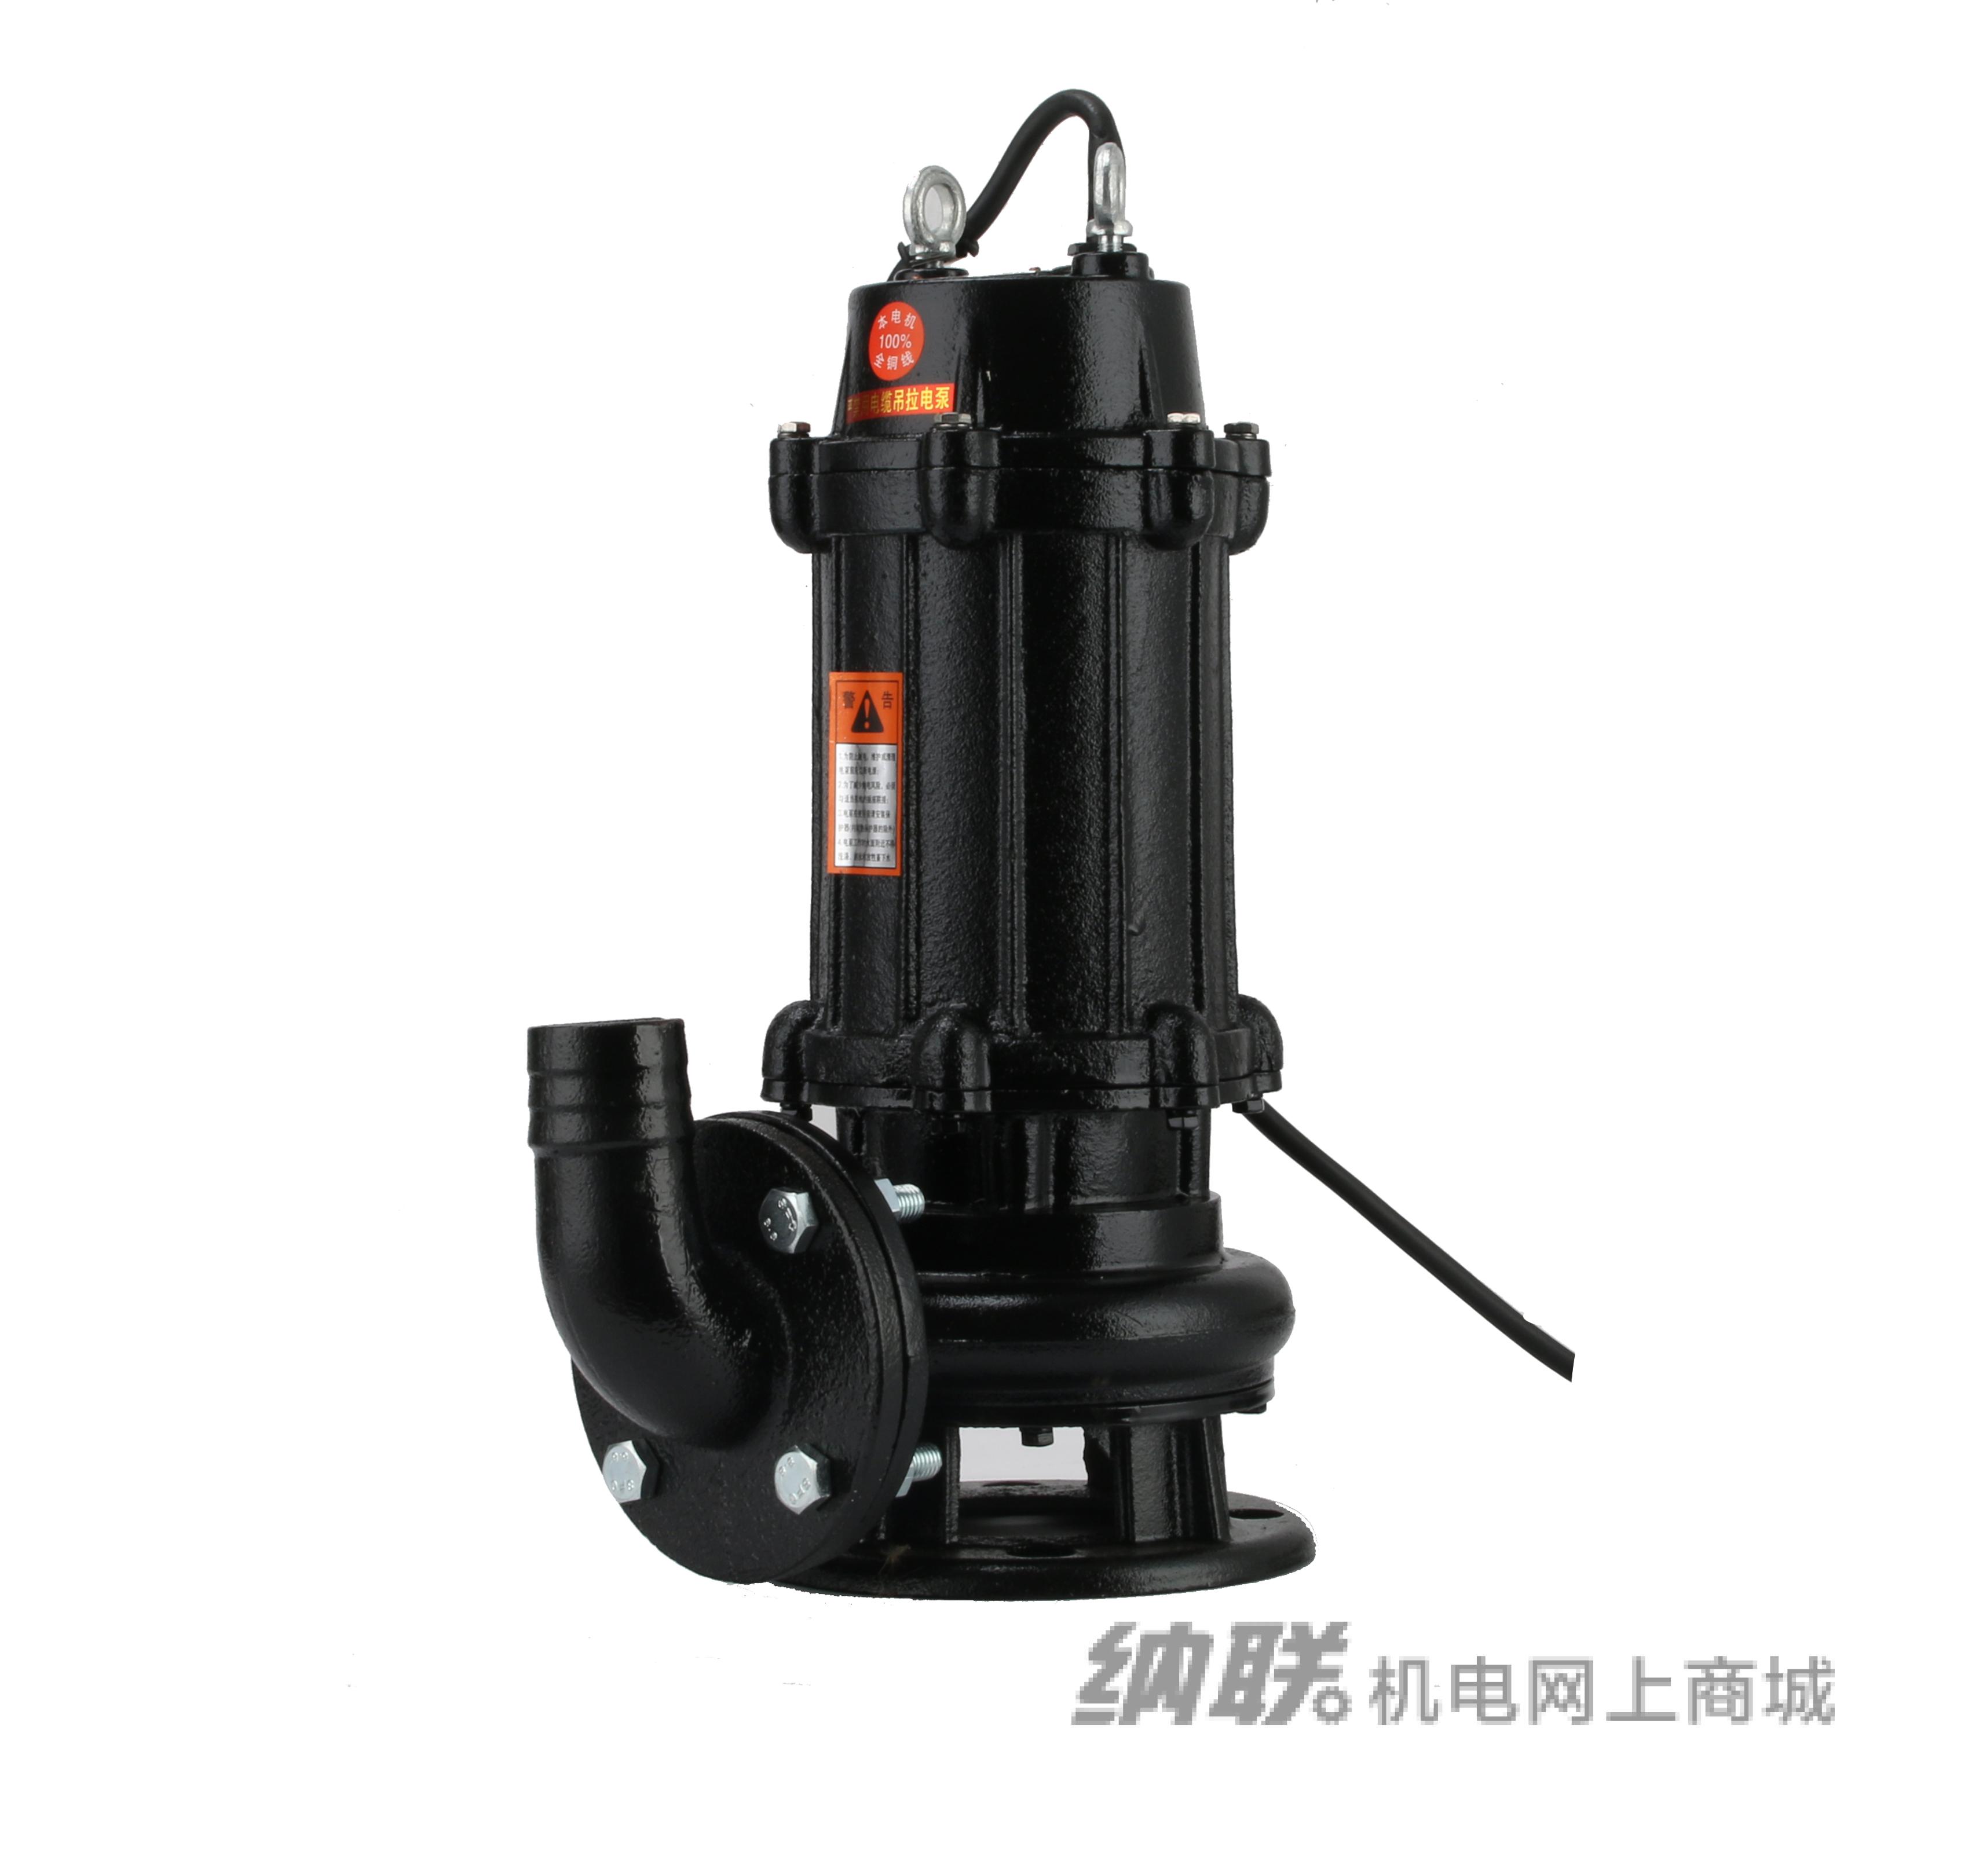 纳联机电 污水泵-150WQ180-11-11